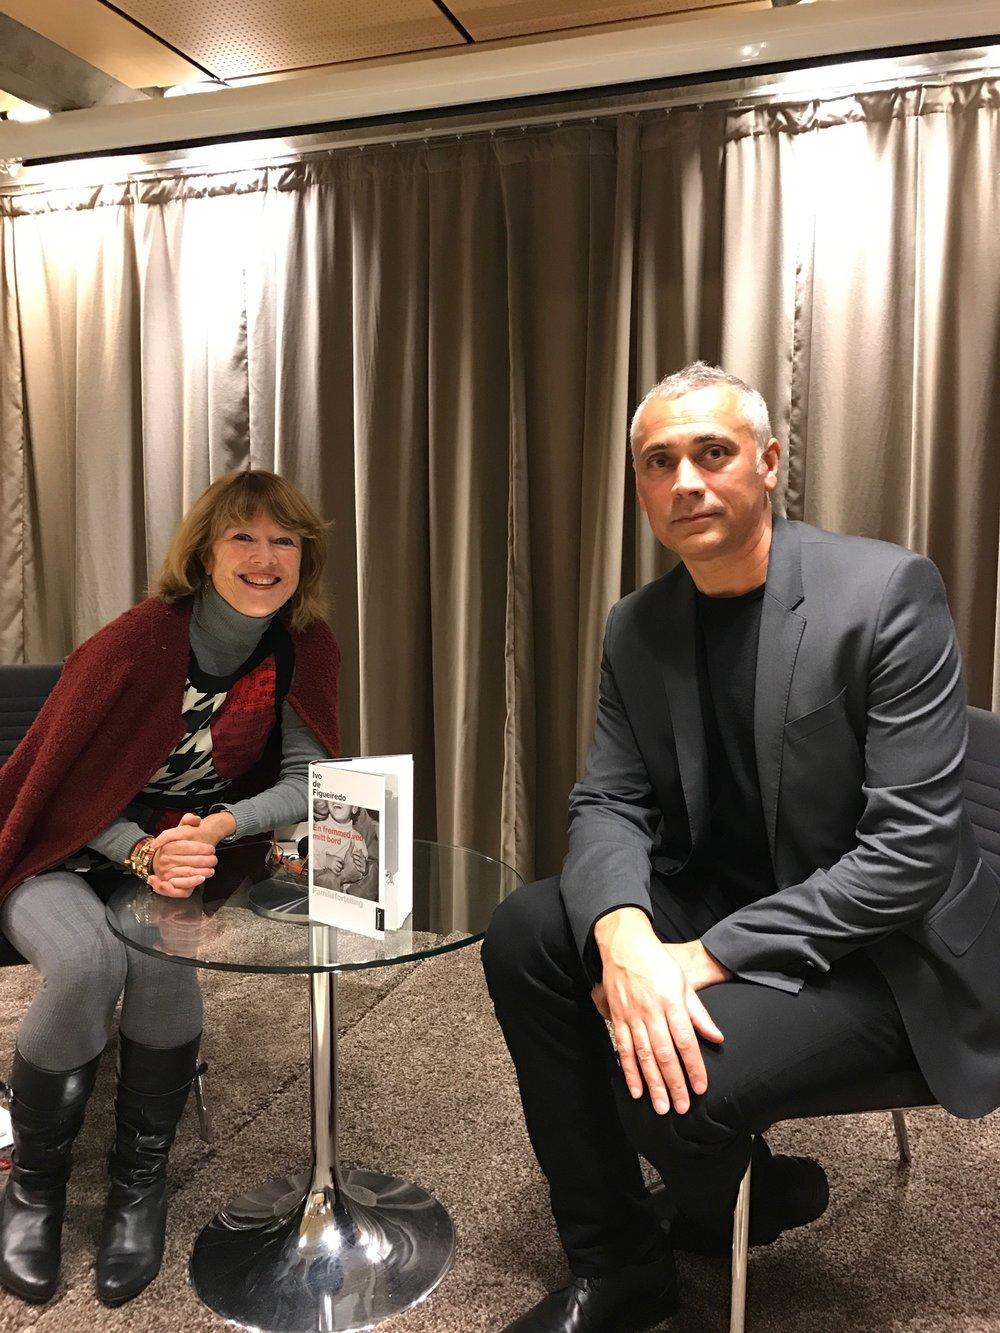 Ivo de Figueiredo ble intervjuet av Kristin Aalen i to arrangementer på Sølvberget 10. november 2016.